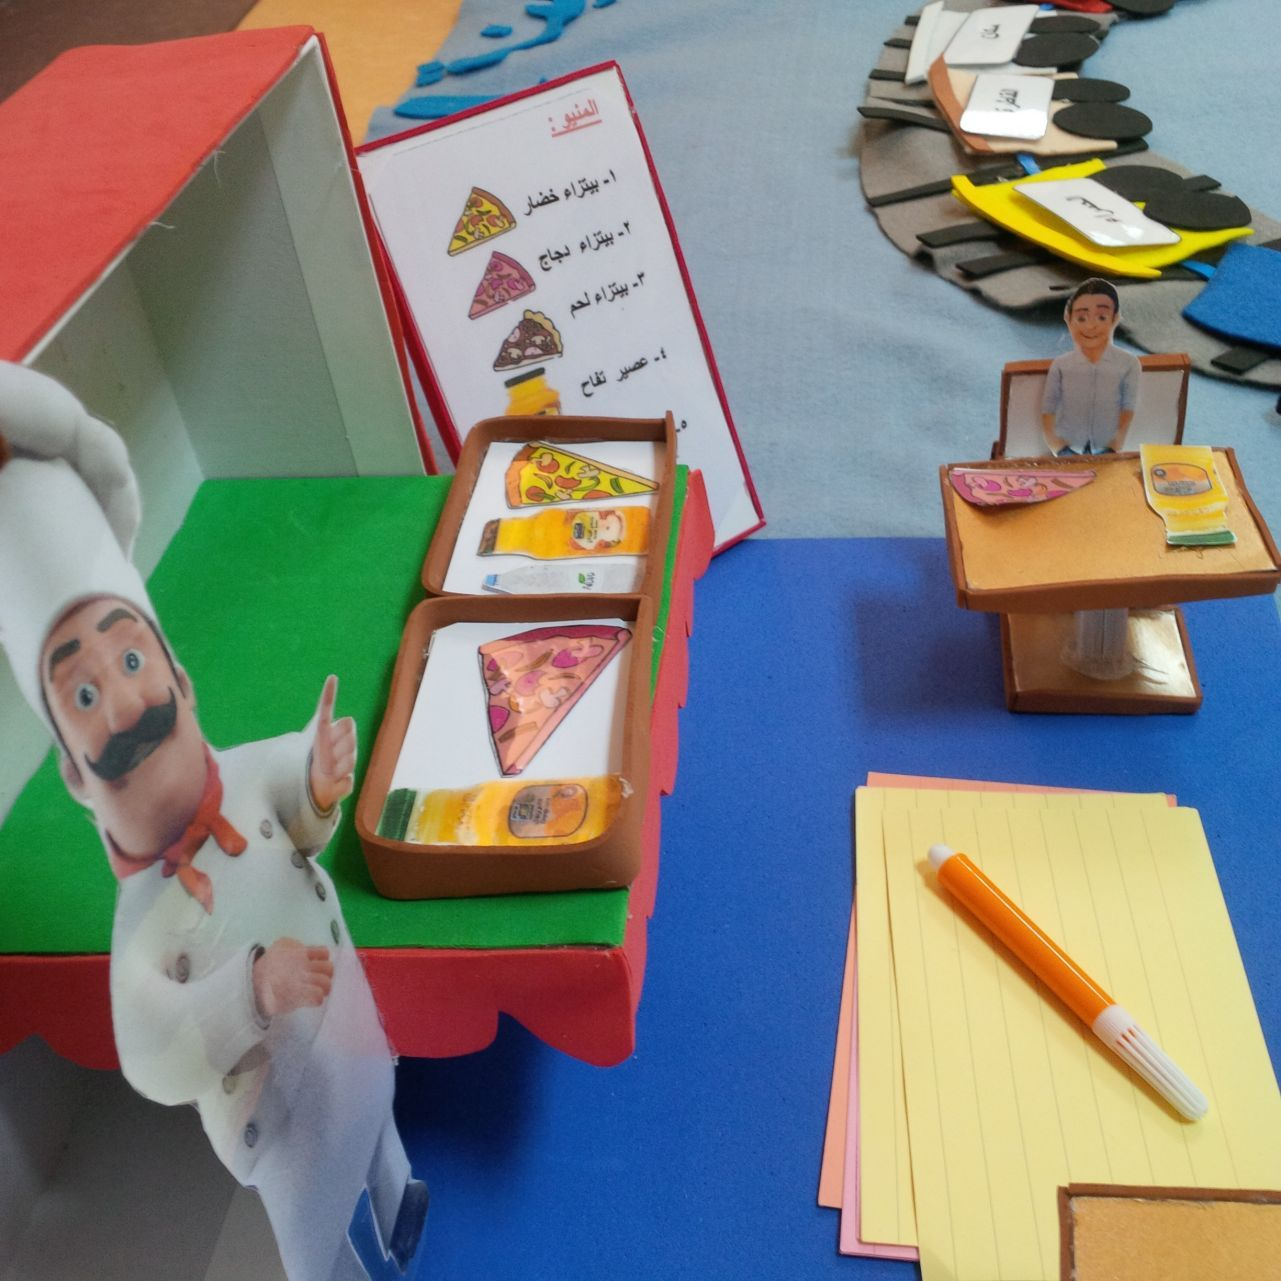 اللعبة اللغوية مطعم البيتزا يقوم الطفل بمشاهدة الطلبات على الطاولة وكتابتها على الورق ثم يقرأها على الط Toddler Activities Kids Education Kids And Parenting